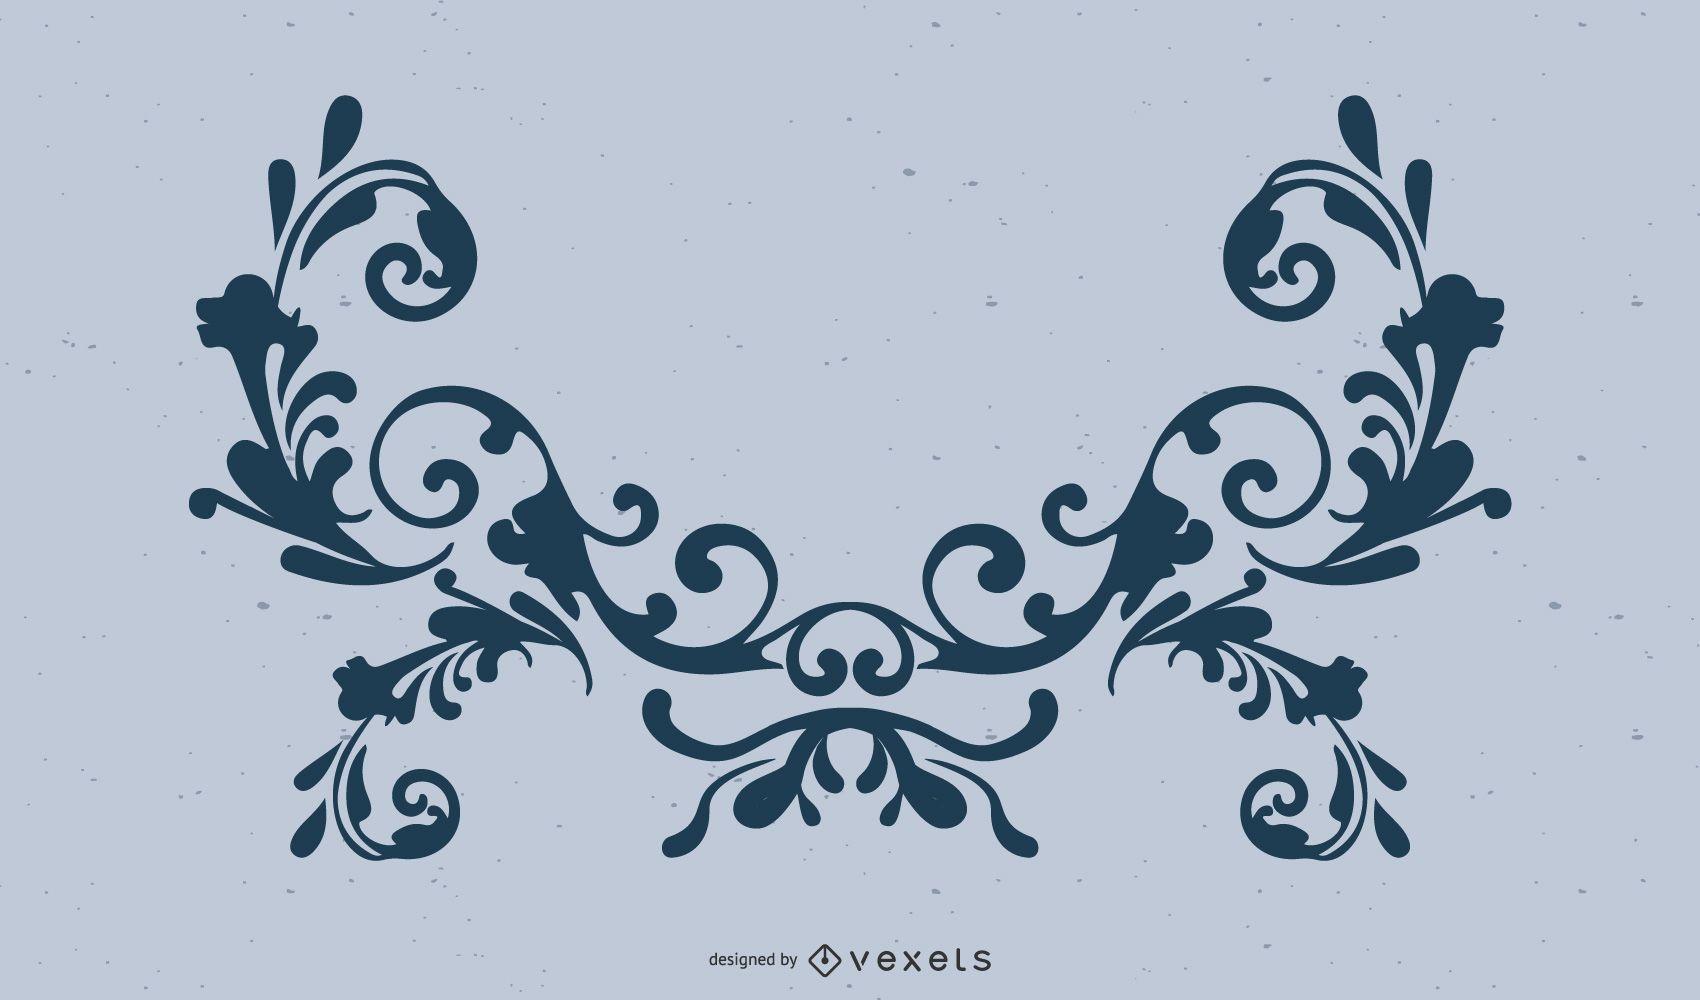 Vector Adorno Decorativo Adobe Illustrator Ornamanet Adorno Ai Vector